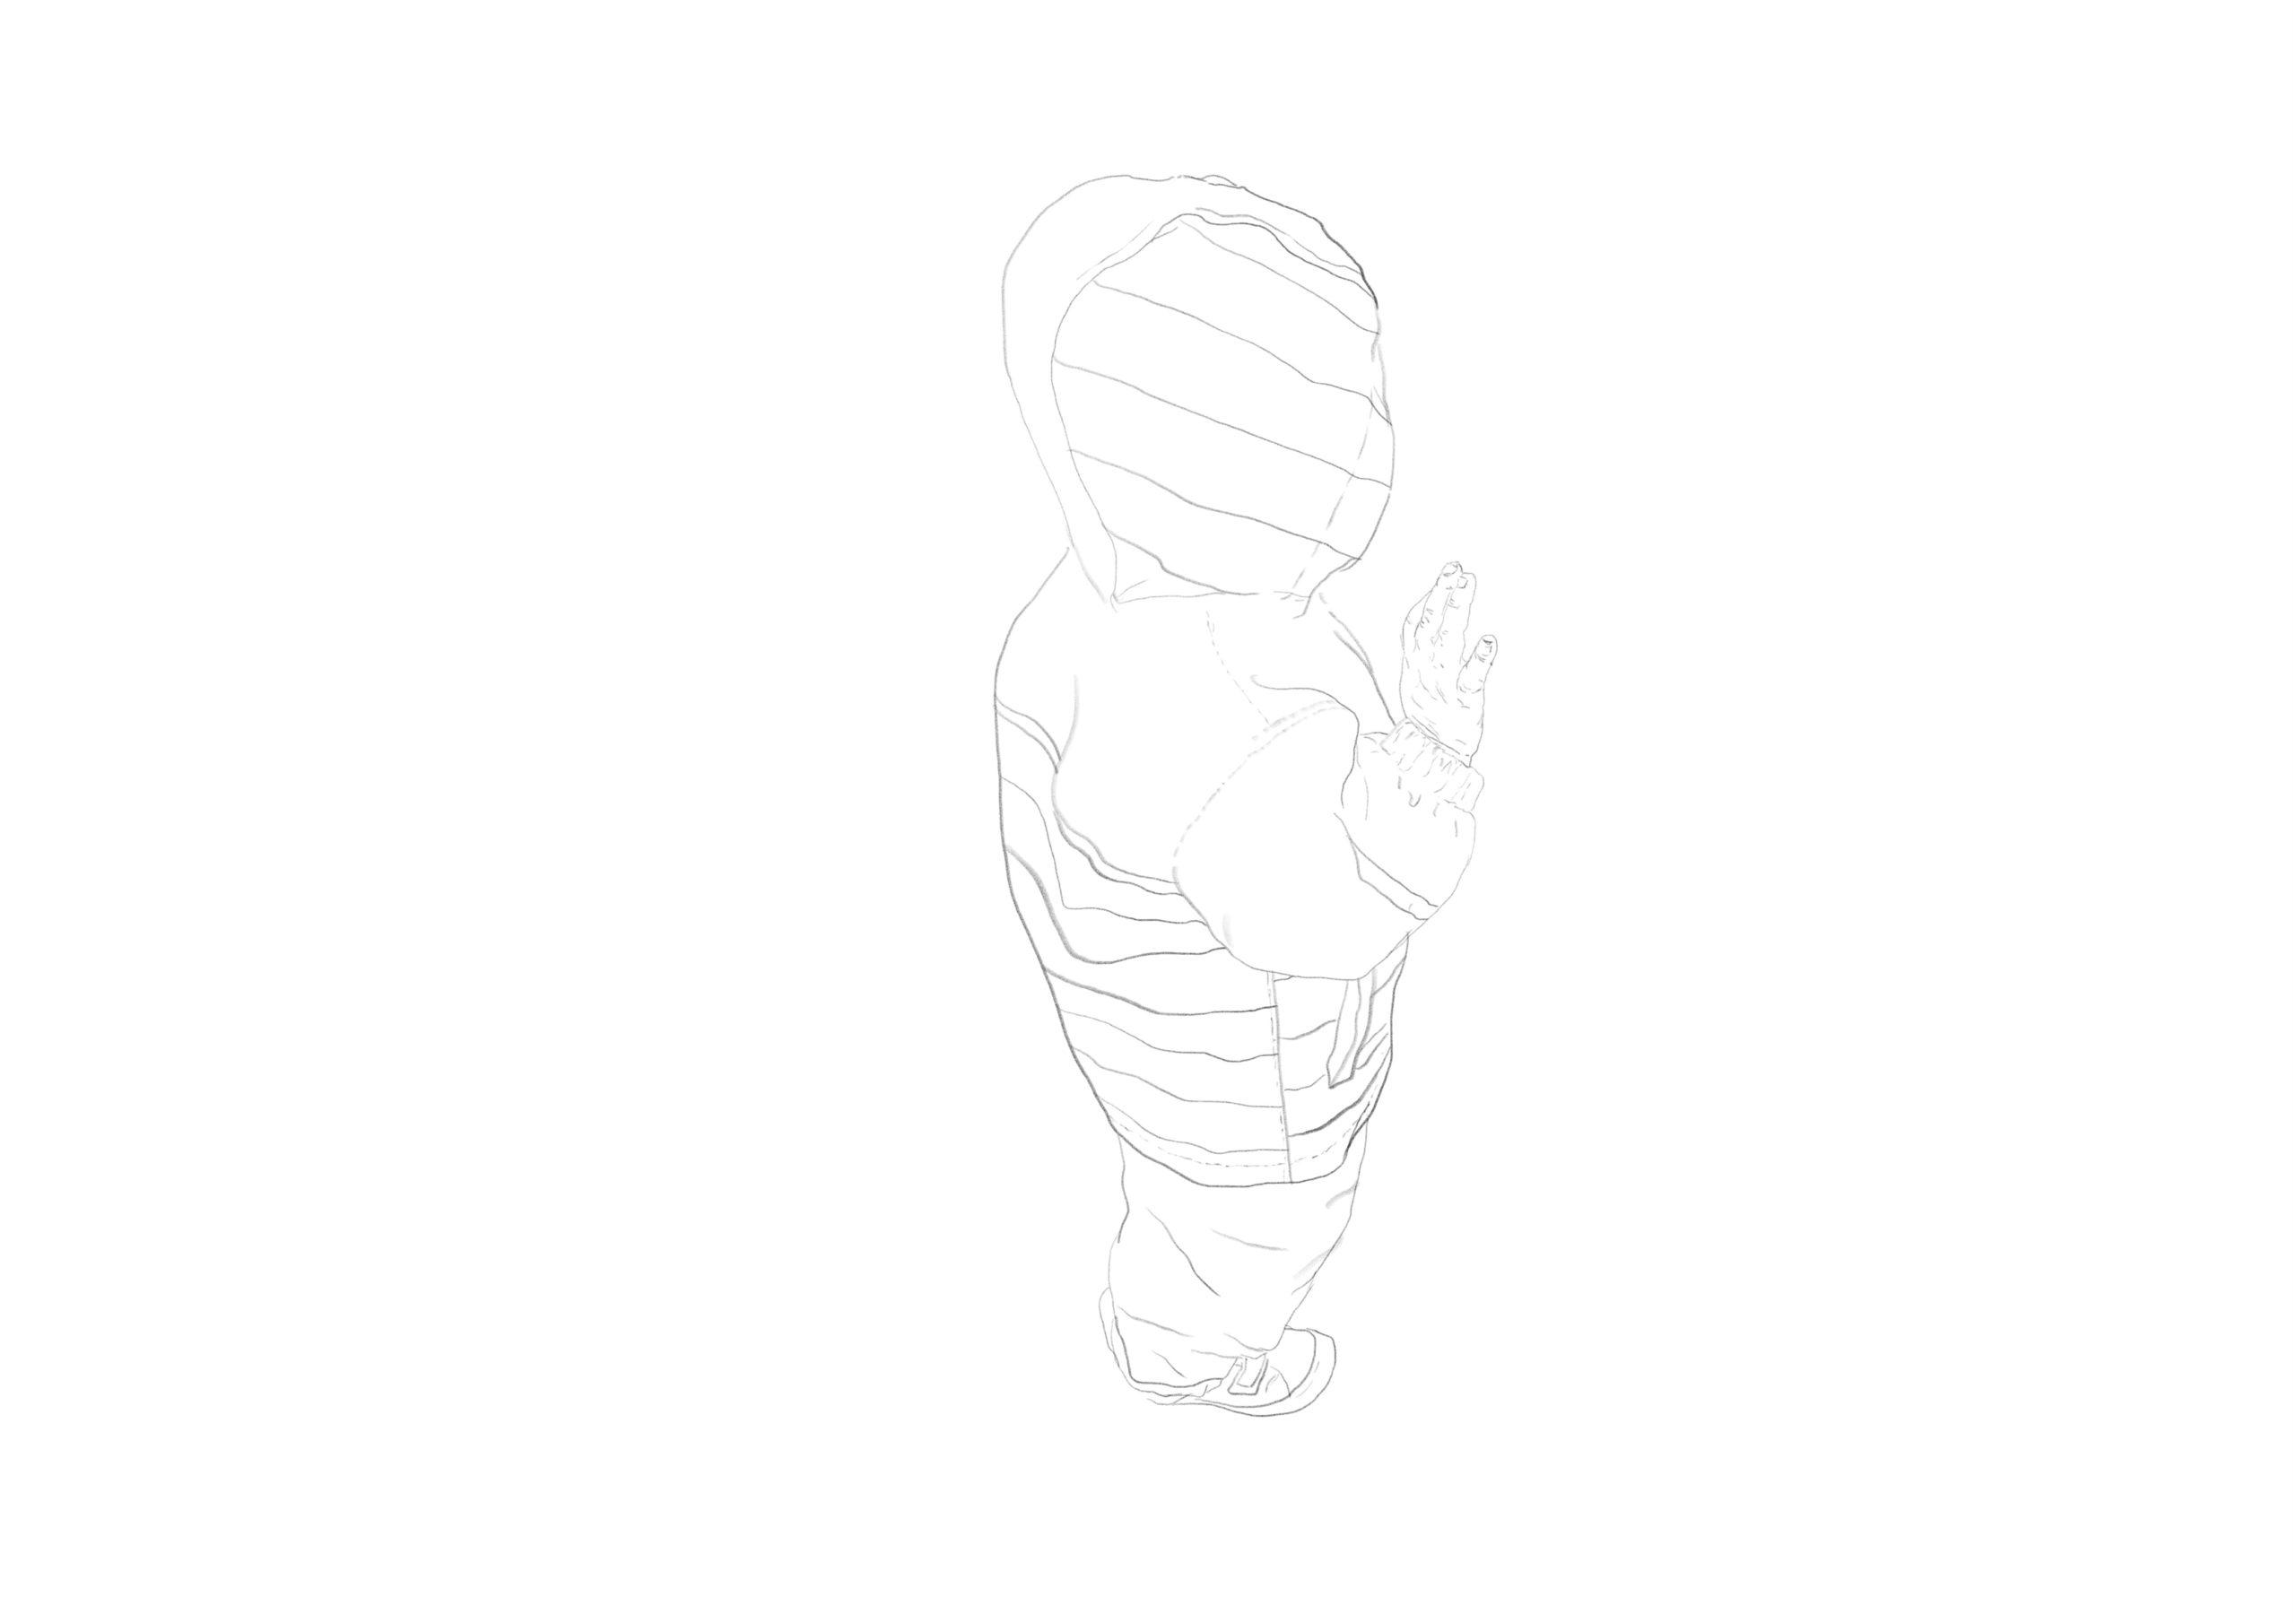 Ariane Karwotka, schaufenstern, digitale Zeichnung/ pc-print, DIN A 4, 2020